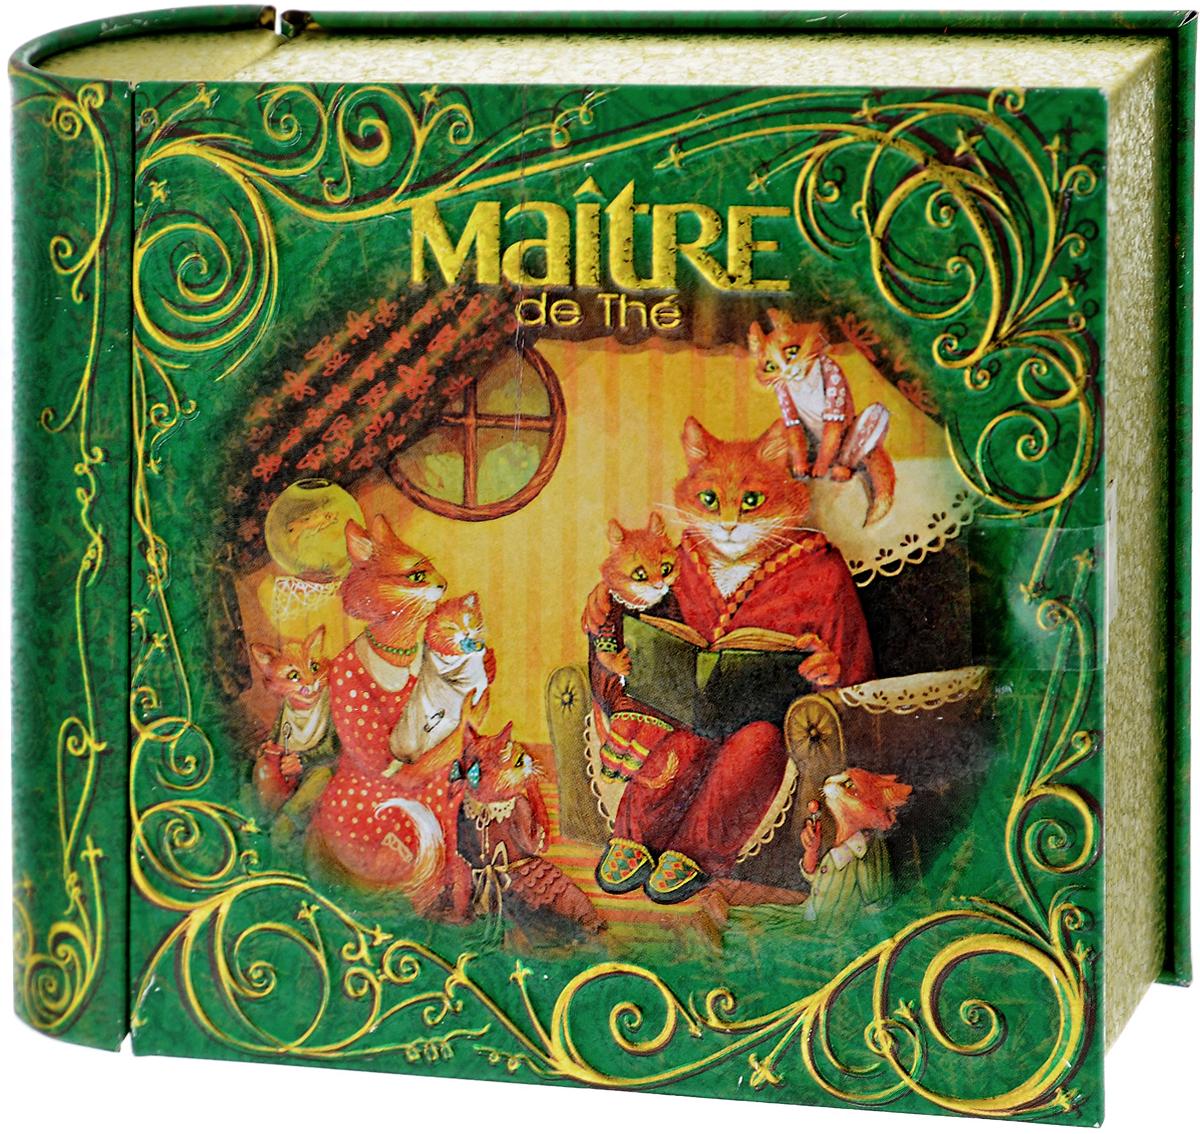 Maitre Домашний очаг чай черный листовой, 65 г101246Превосходный купаж черного байхового индийского и цейлонского листового чая Maitre Домашний очаг в новогодней подарочной упаковке в виде толстой книжки. Яркий, насыщенный дизайн, потешные герои – все рождает самые теплые и светлые чувства. Отлично подойдет в качестве подарка на новогодние праздники.